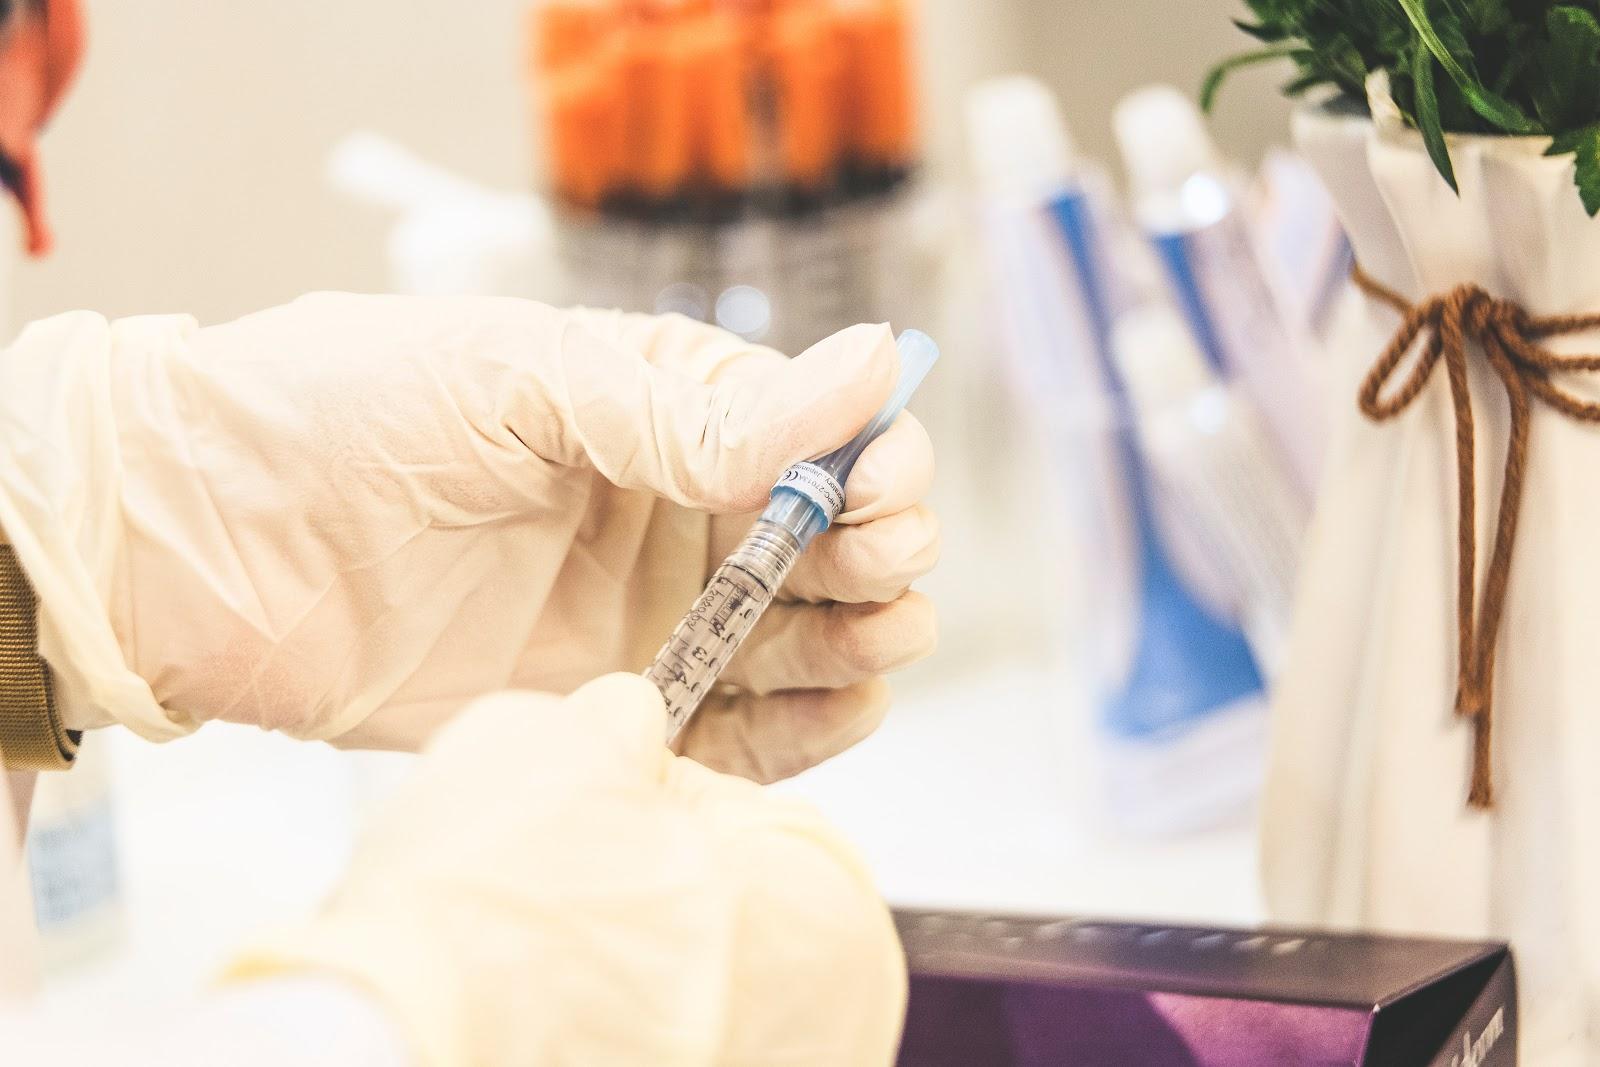 O cronograma de vacinação, mesmo dos grupos prioritários, está sujeito à disponibilidade de doses e orientação do PNO. (Fonte: Unsplash)